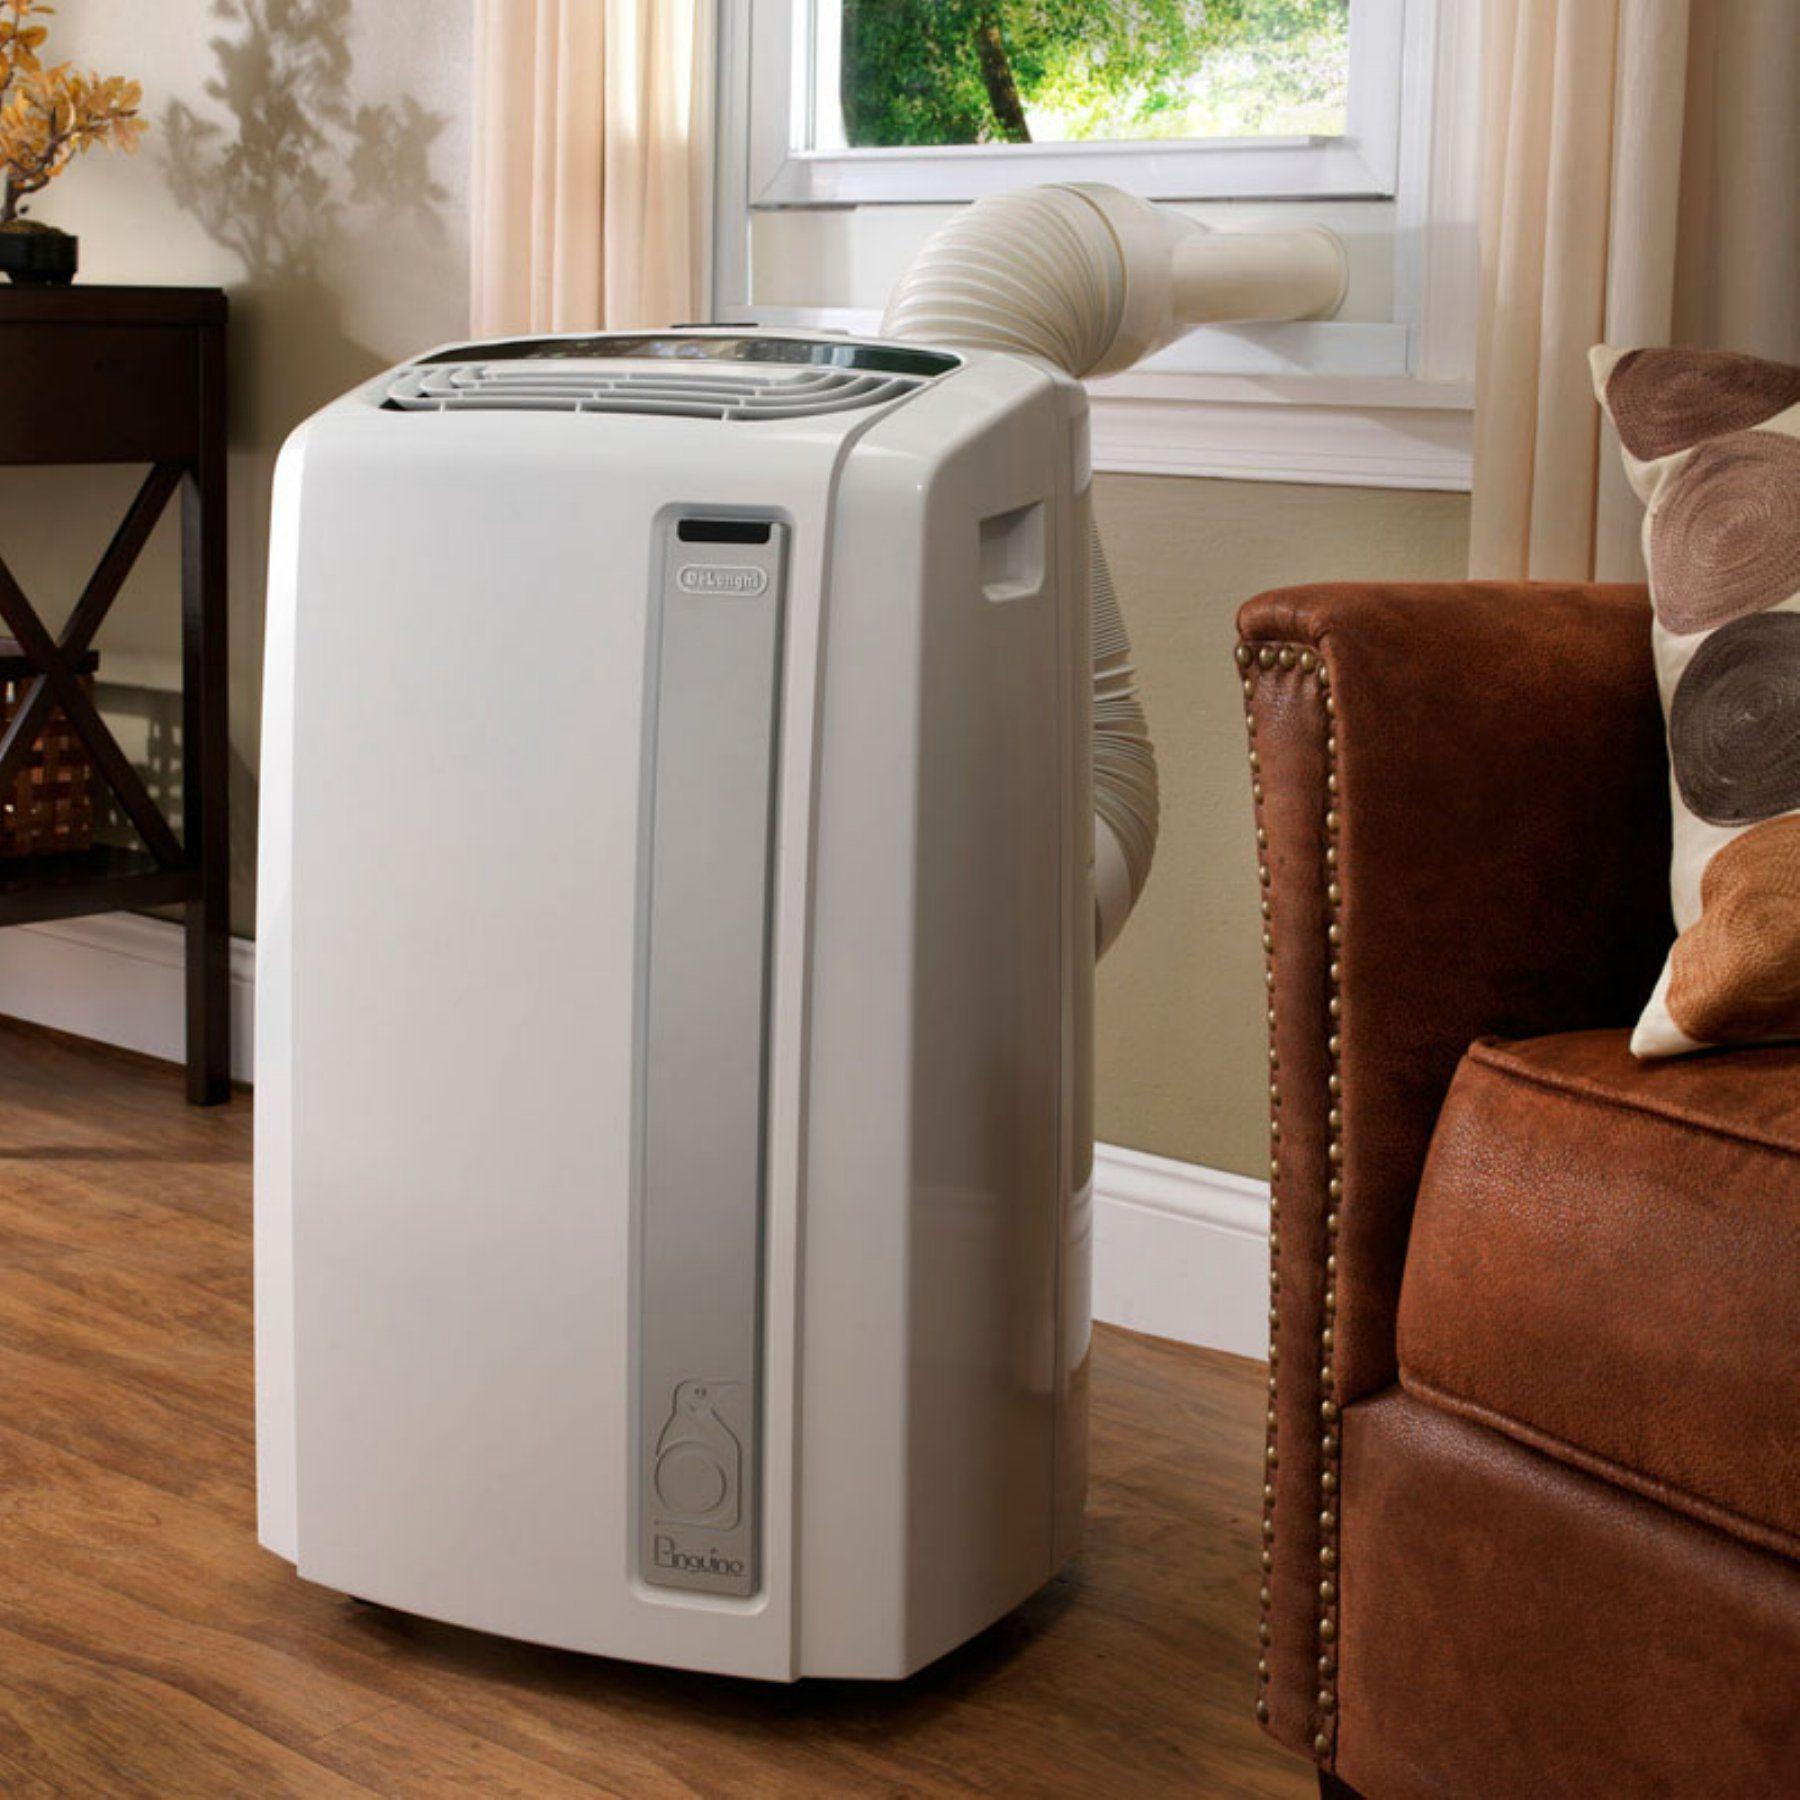 pinguino 12000 btu whisper quiet portable air conditioner with